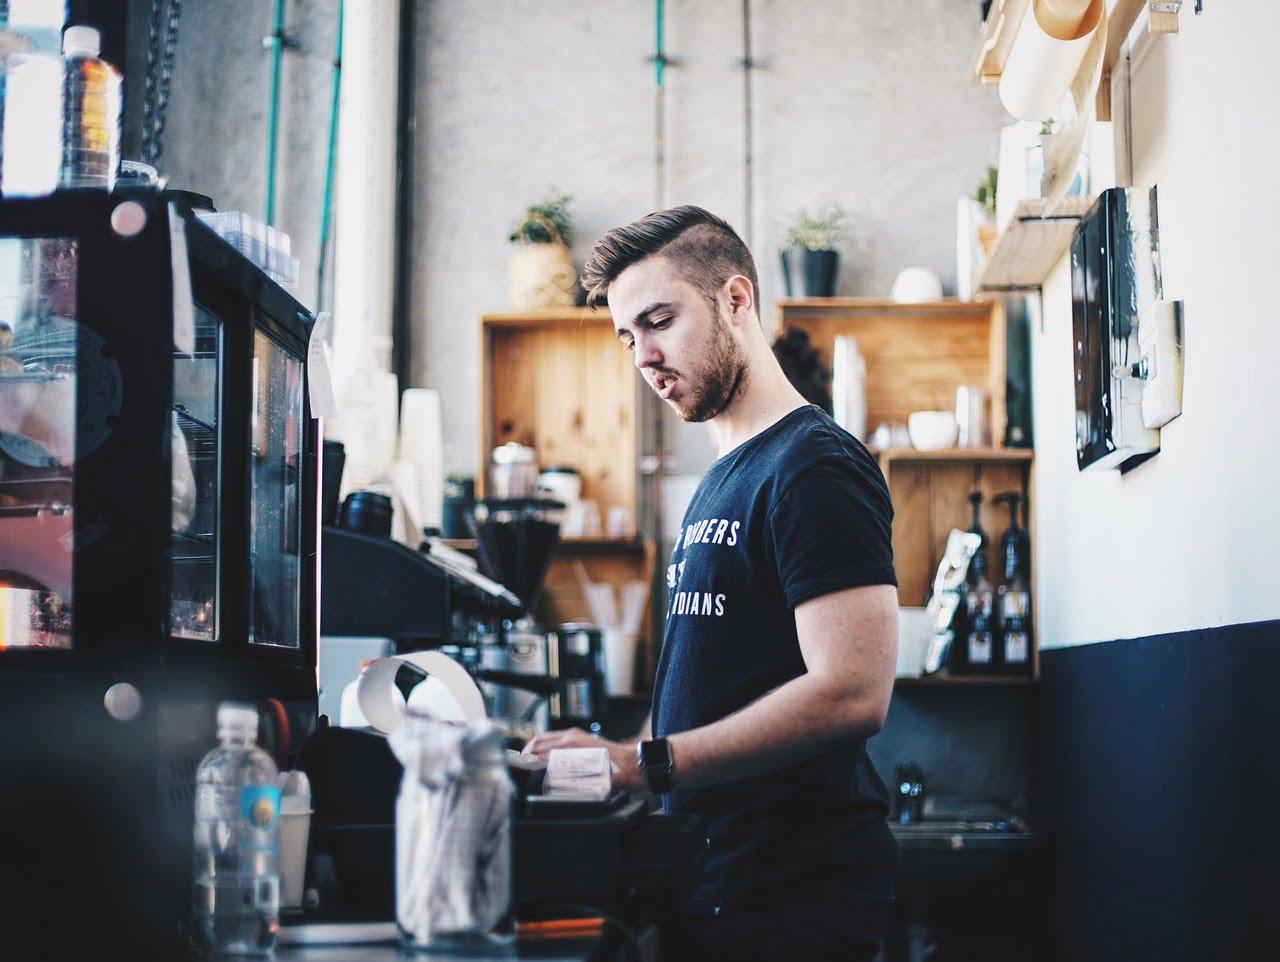 Caisse restaurant : comment bien choisir son logiciel ?